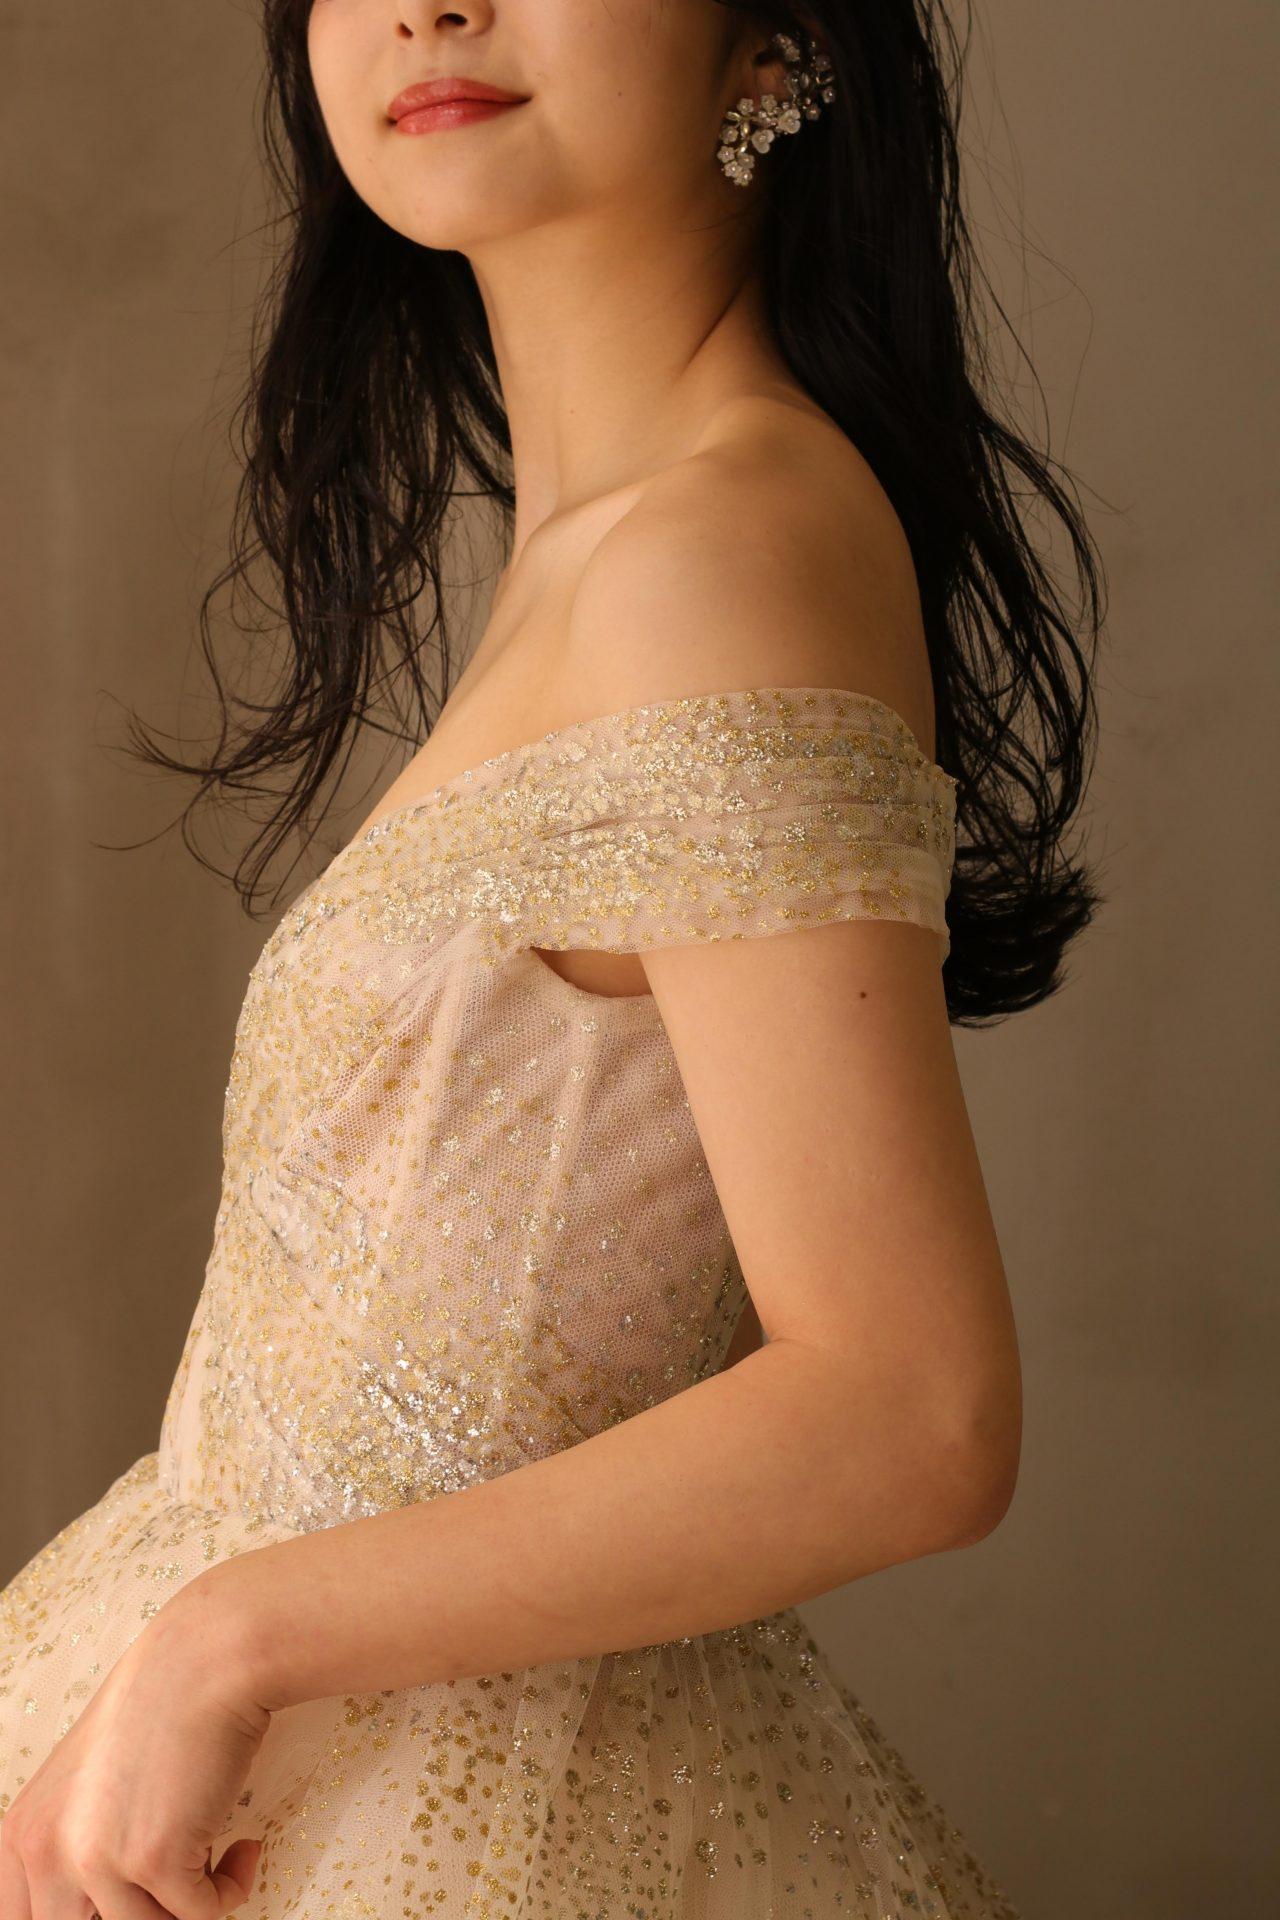 THETREATDRESSINGのカラードレスは海外のインポートブランドなので、可愛らしさのなかにもスタイリッシュできりっとした印象があり、大人の花嫁様にもおすすめです